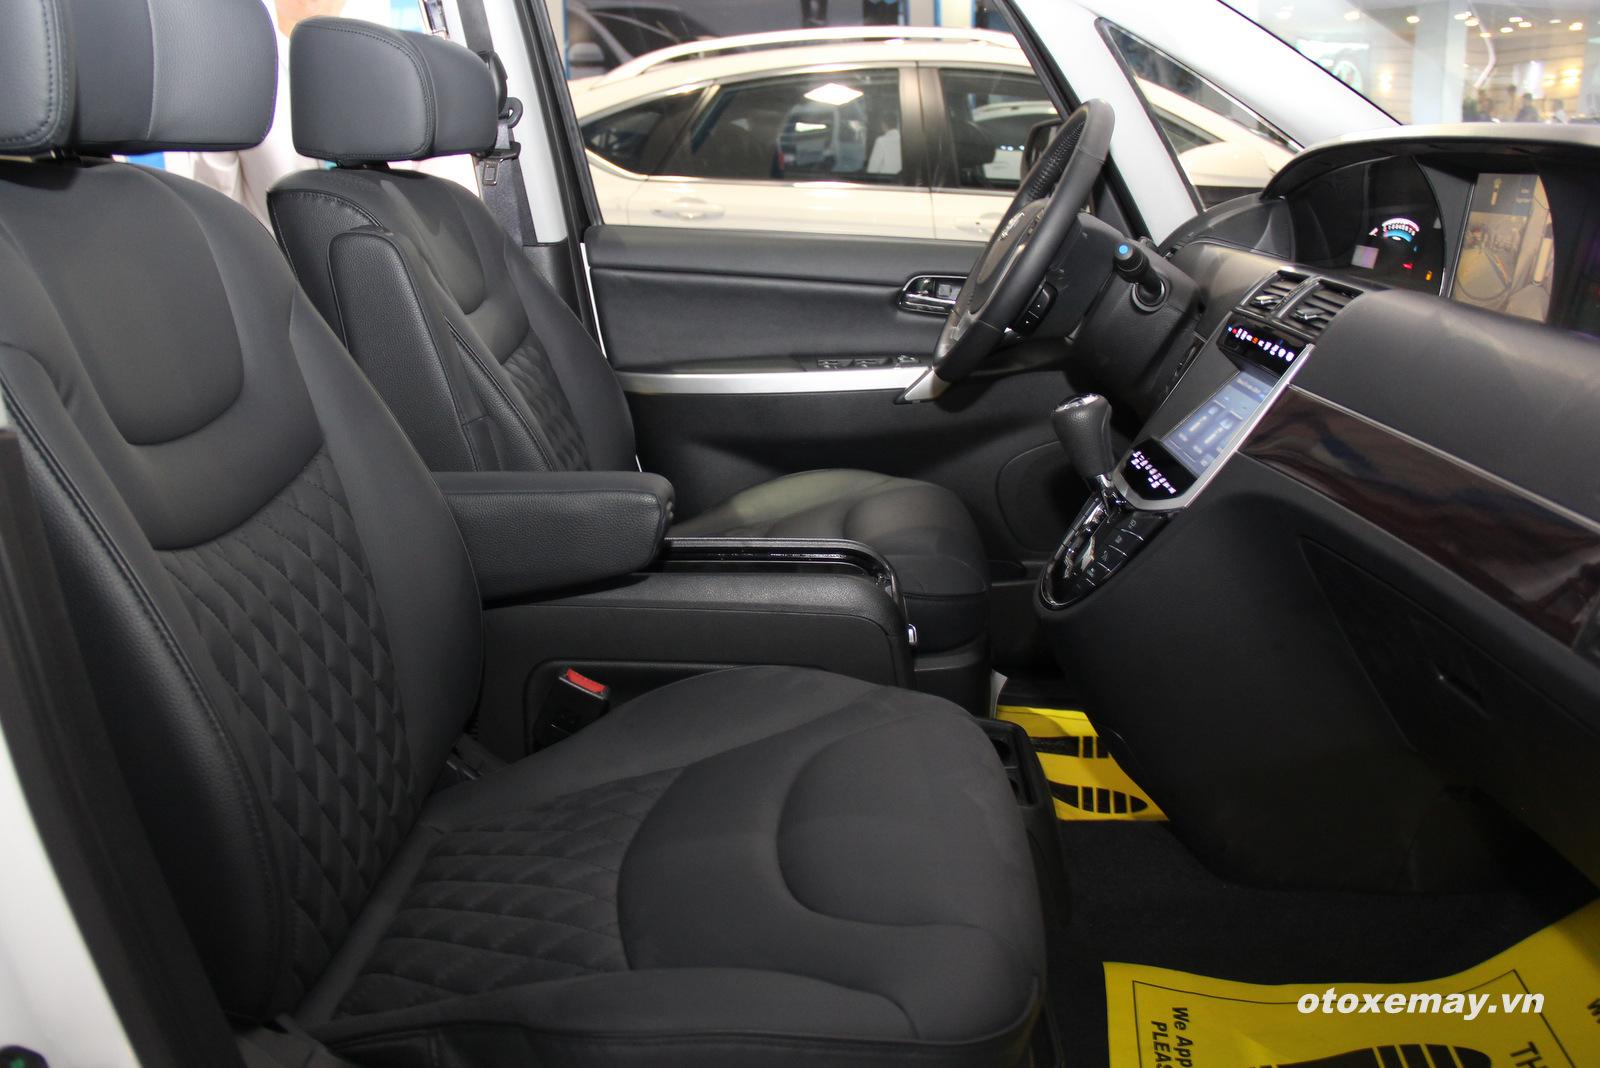 VIMS 2015: Công nghệ trên xe Luxgen của Đài Loan có gì - ảnh 8